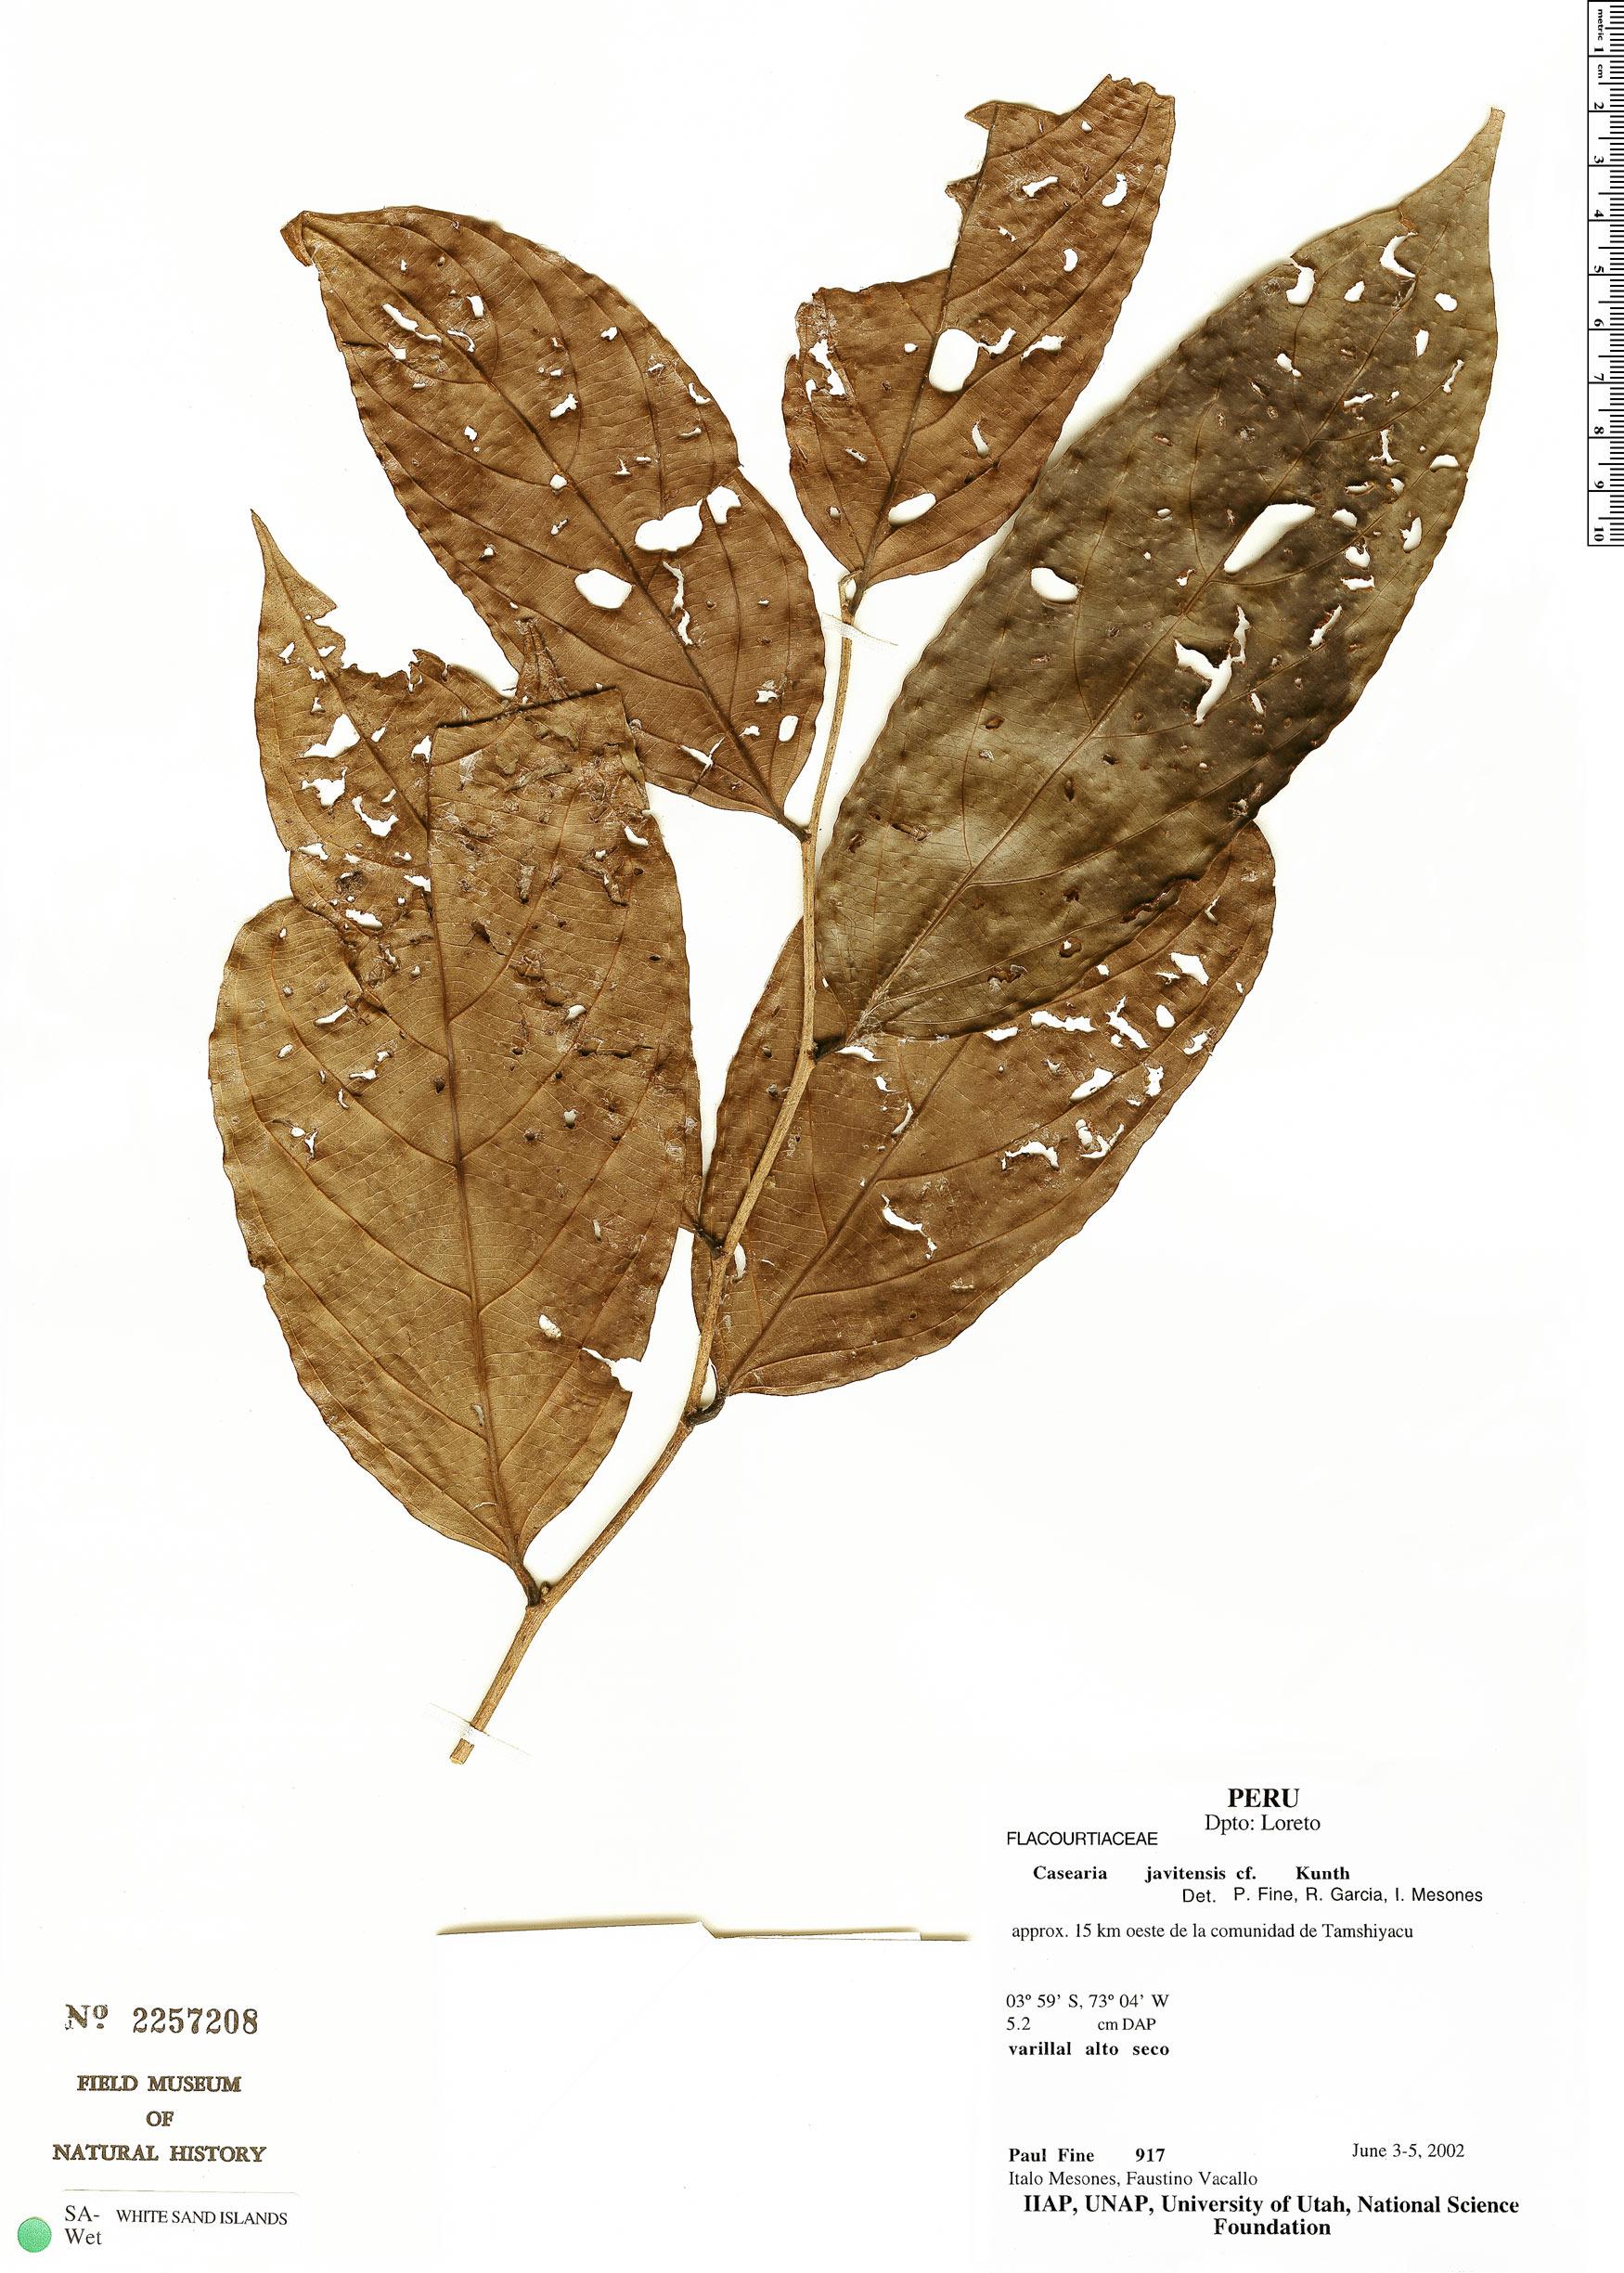 Specimen: Casearia javitensis